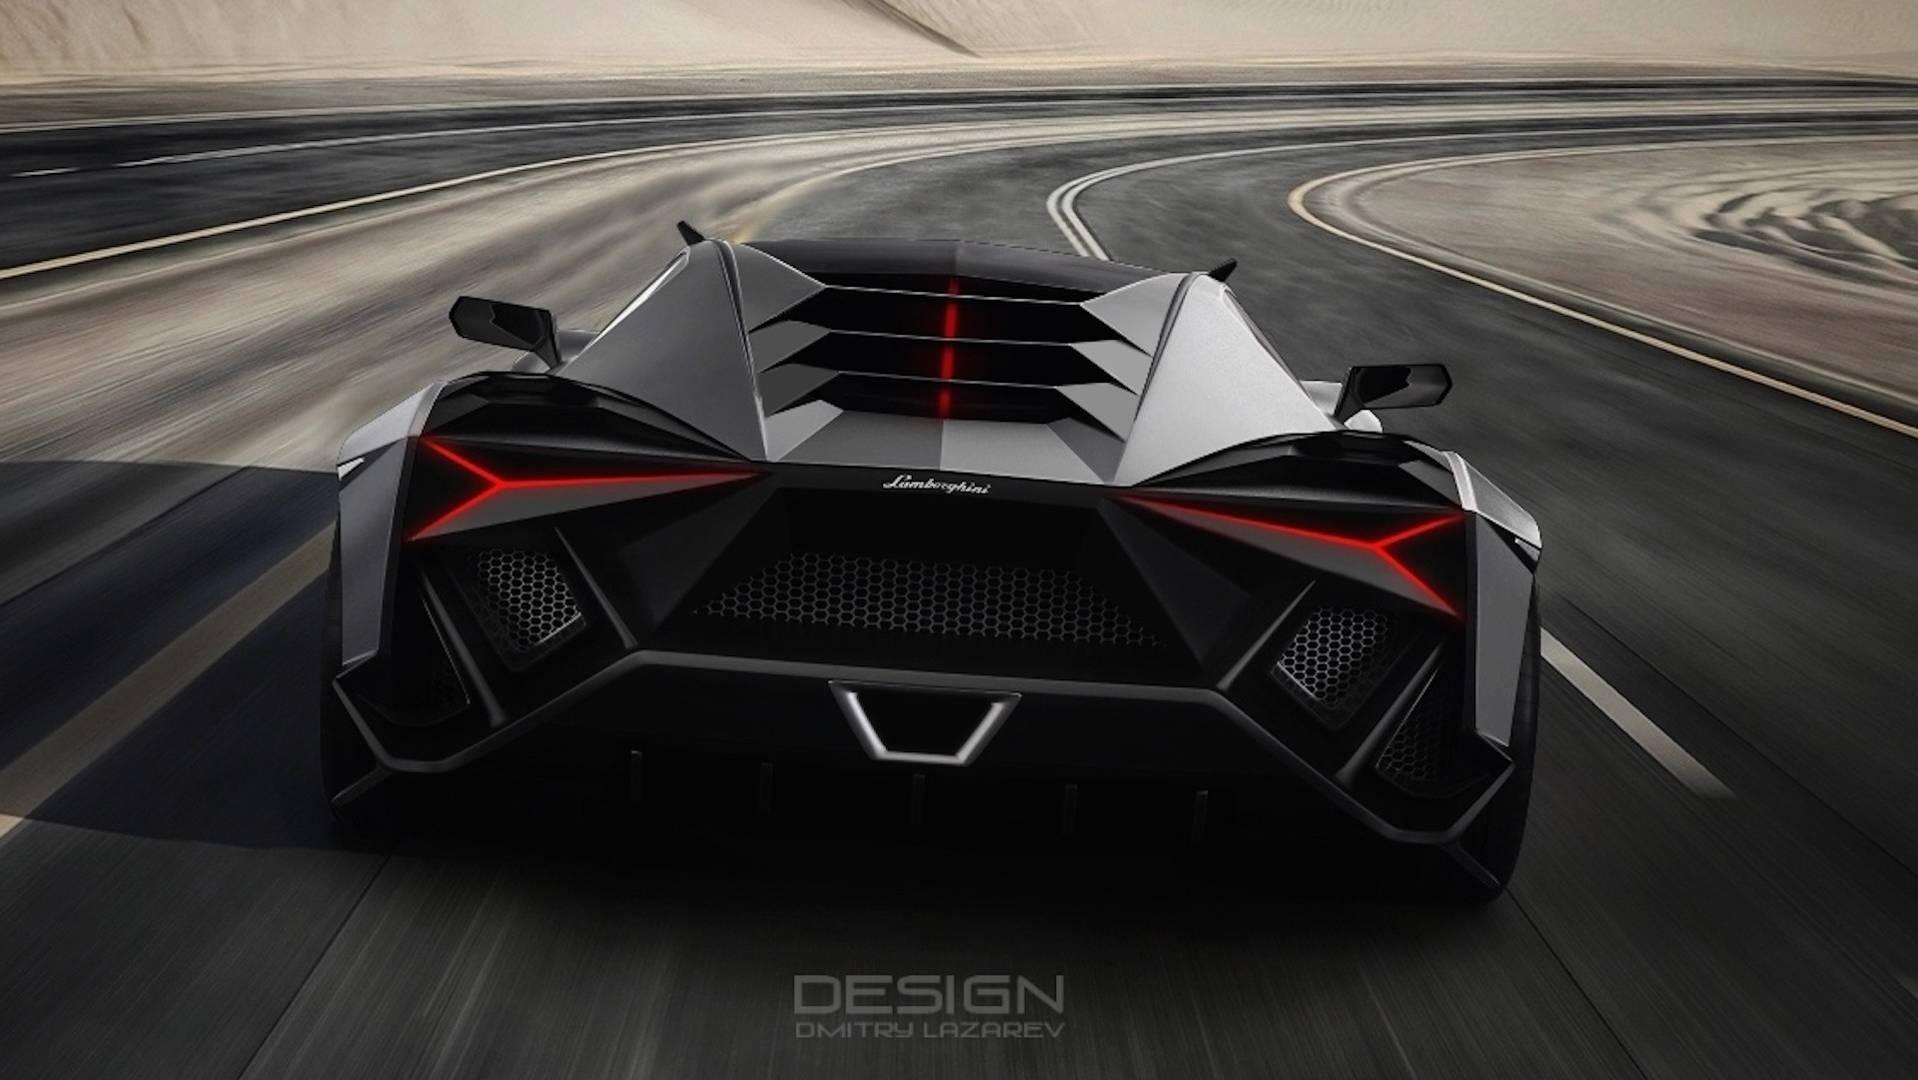 The Lamborghini Forsennato Hypercar Concept | Supercar Report